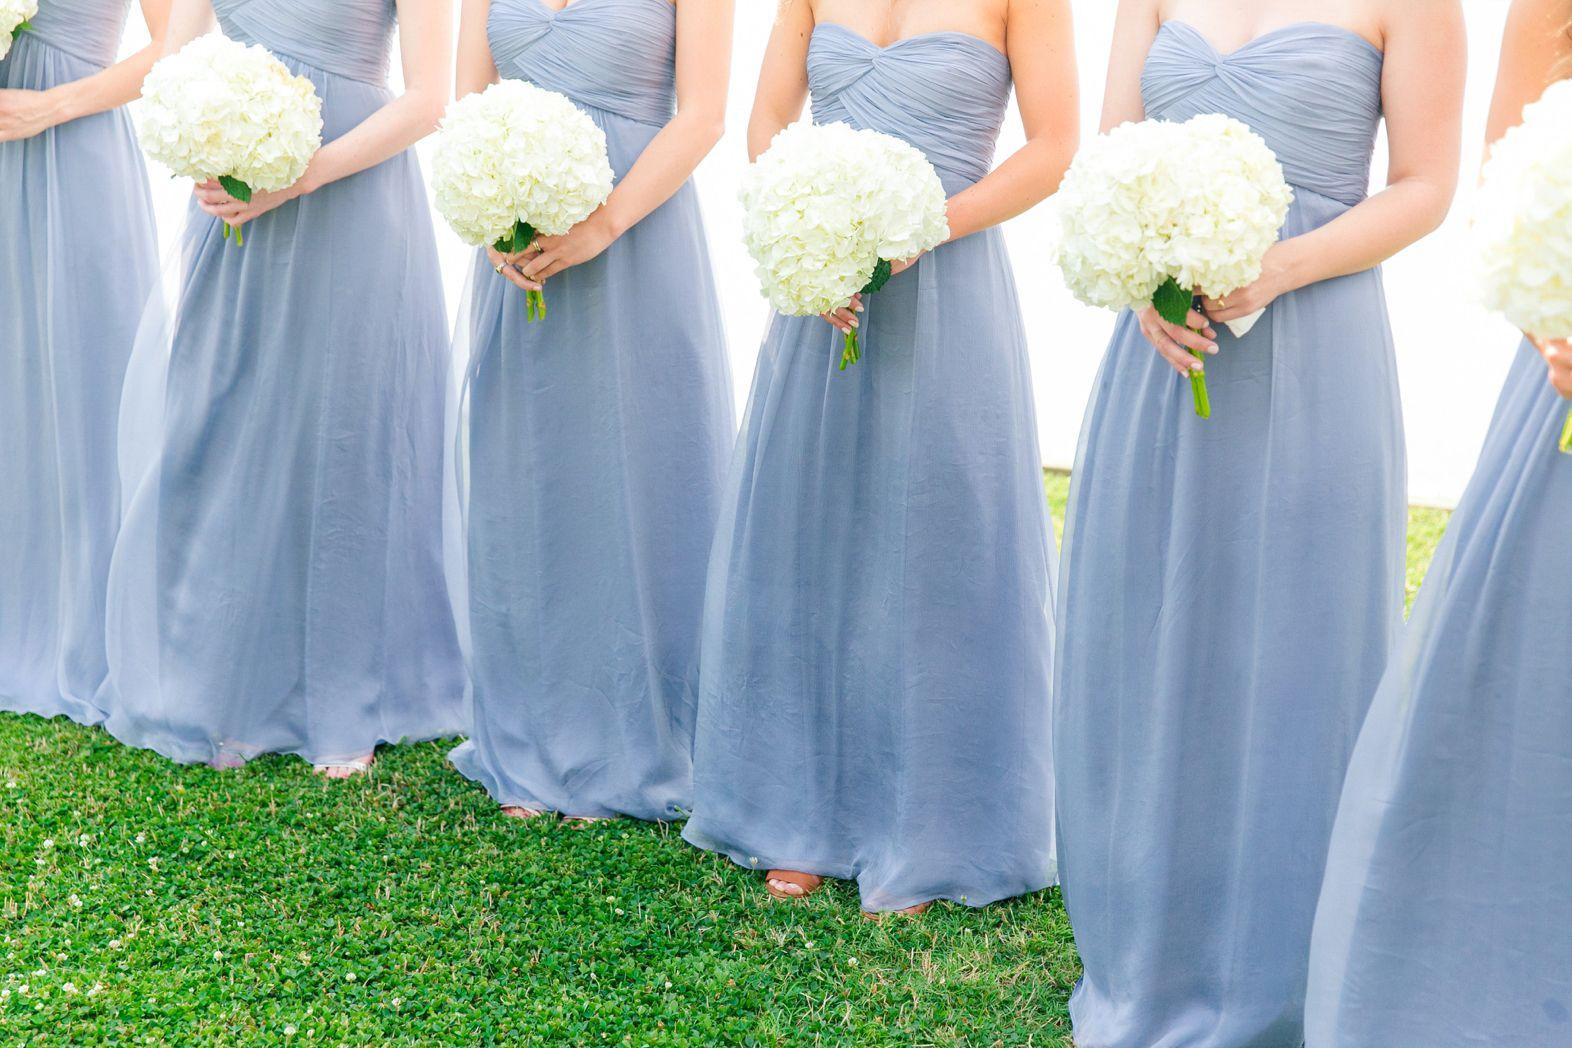 French bluecornflower blueperiwinkle bridesmaid dresses with french bluecornflower blueperiwinkle bridesmaid dresses with hydrangeas queen annes lace ombrellifo Images